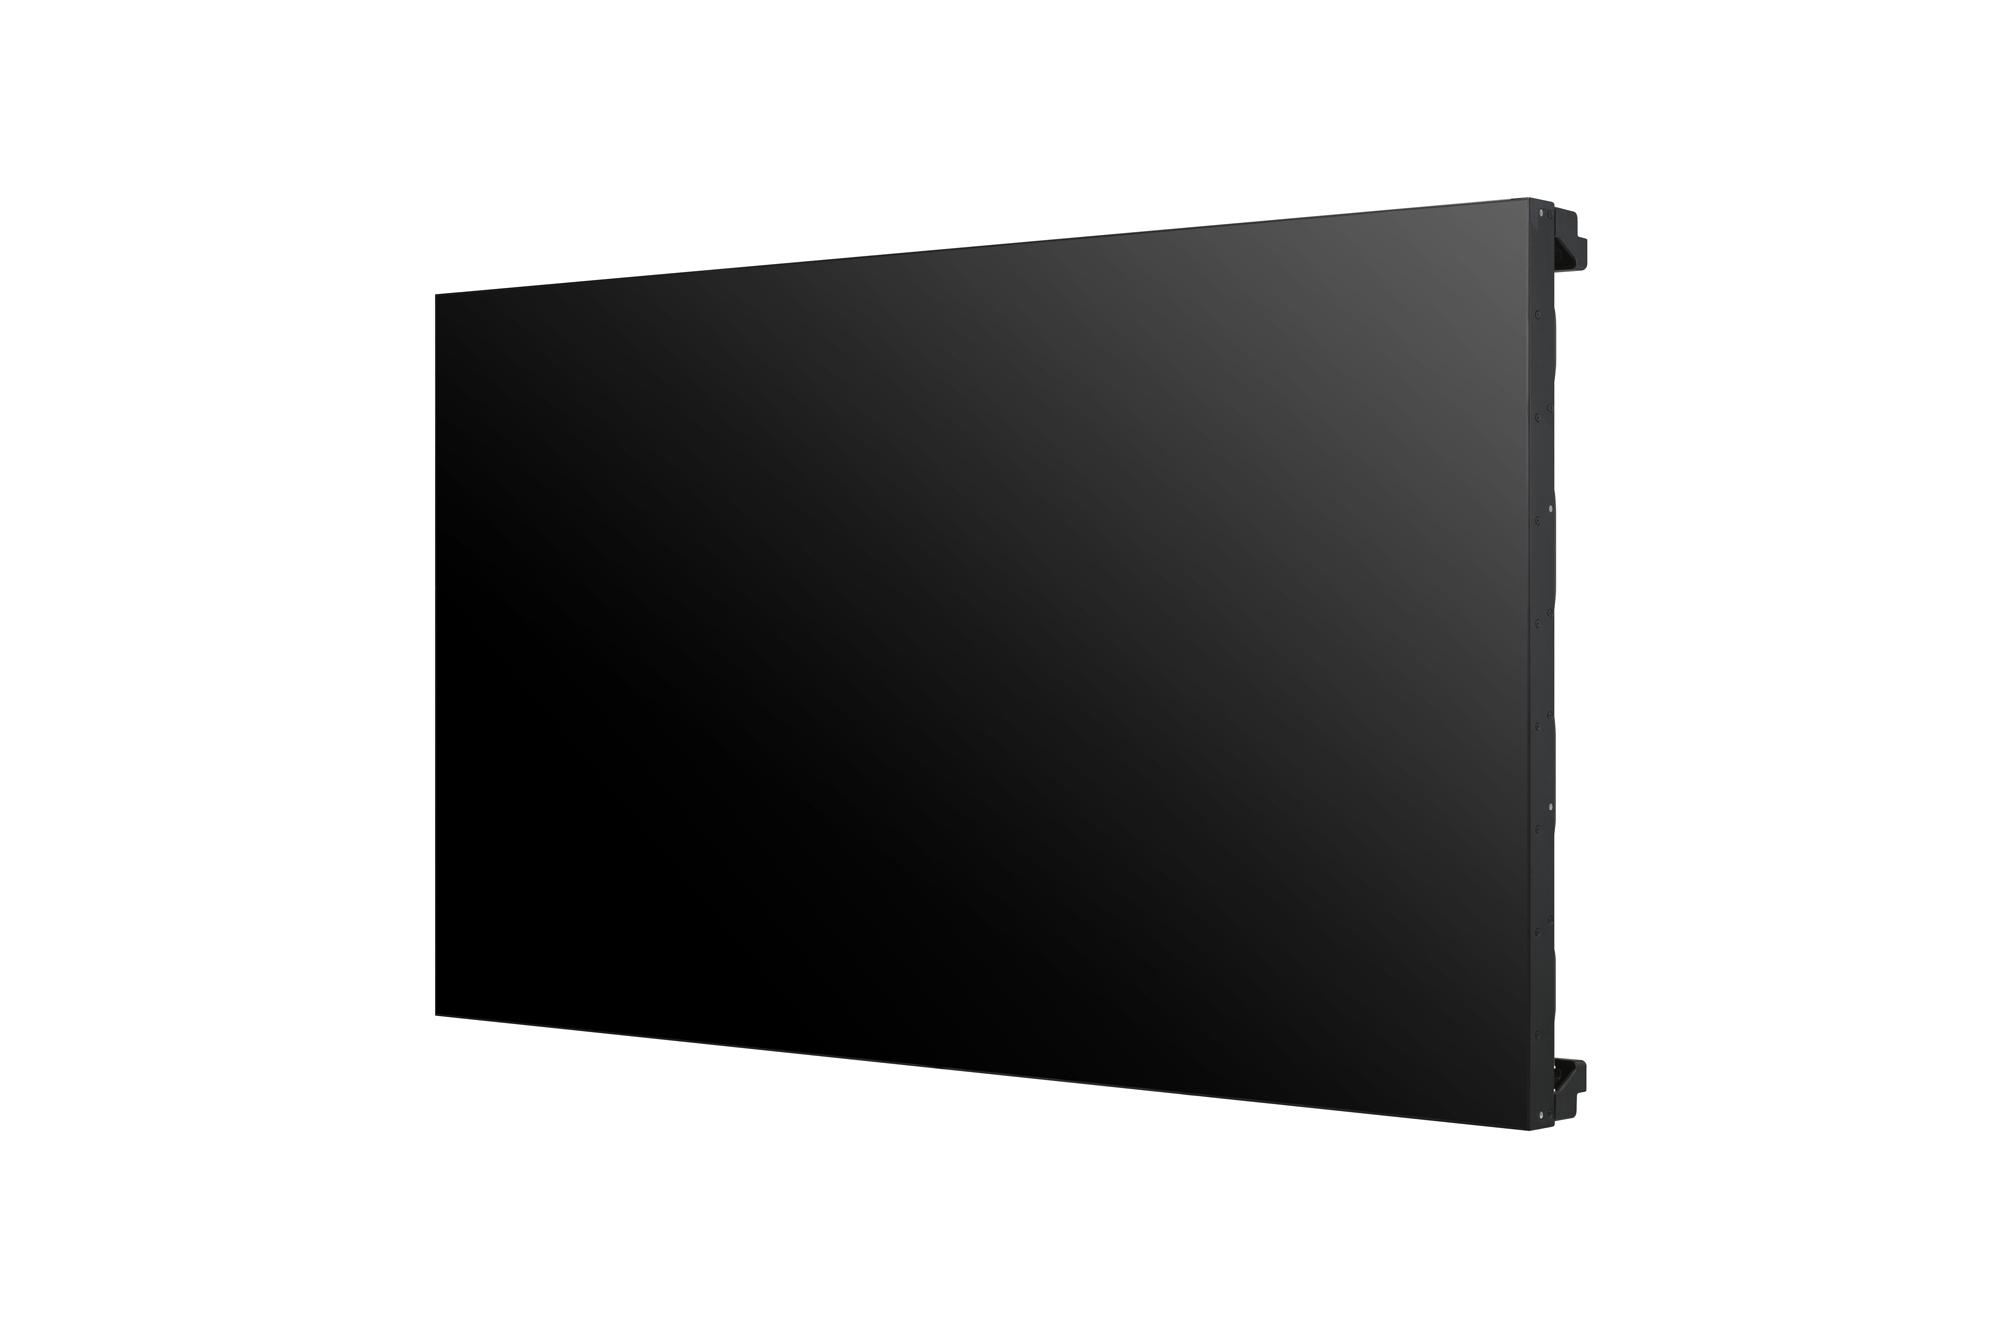 LG Video Wall 55VL5F-A